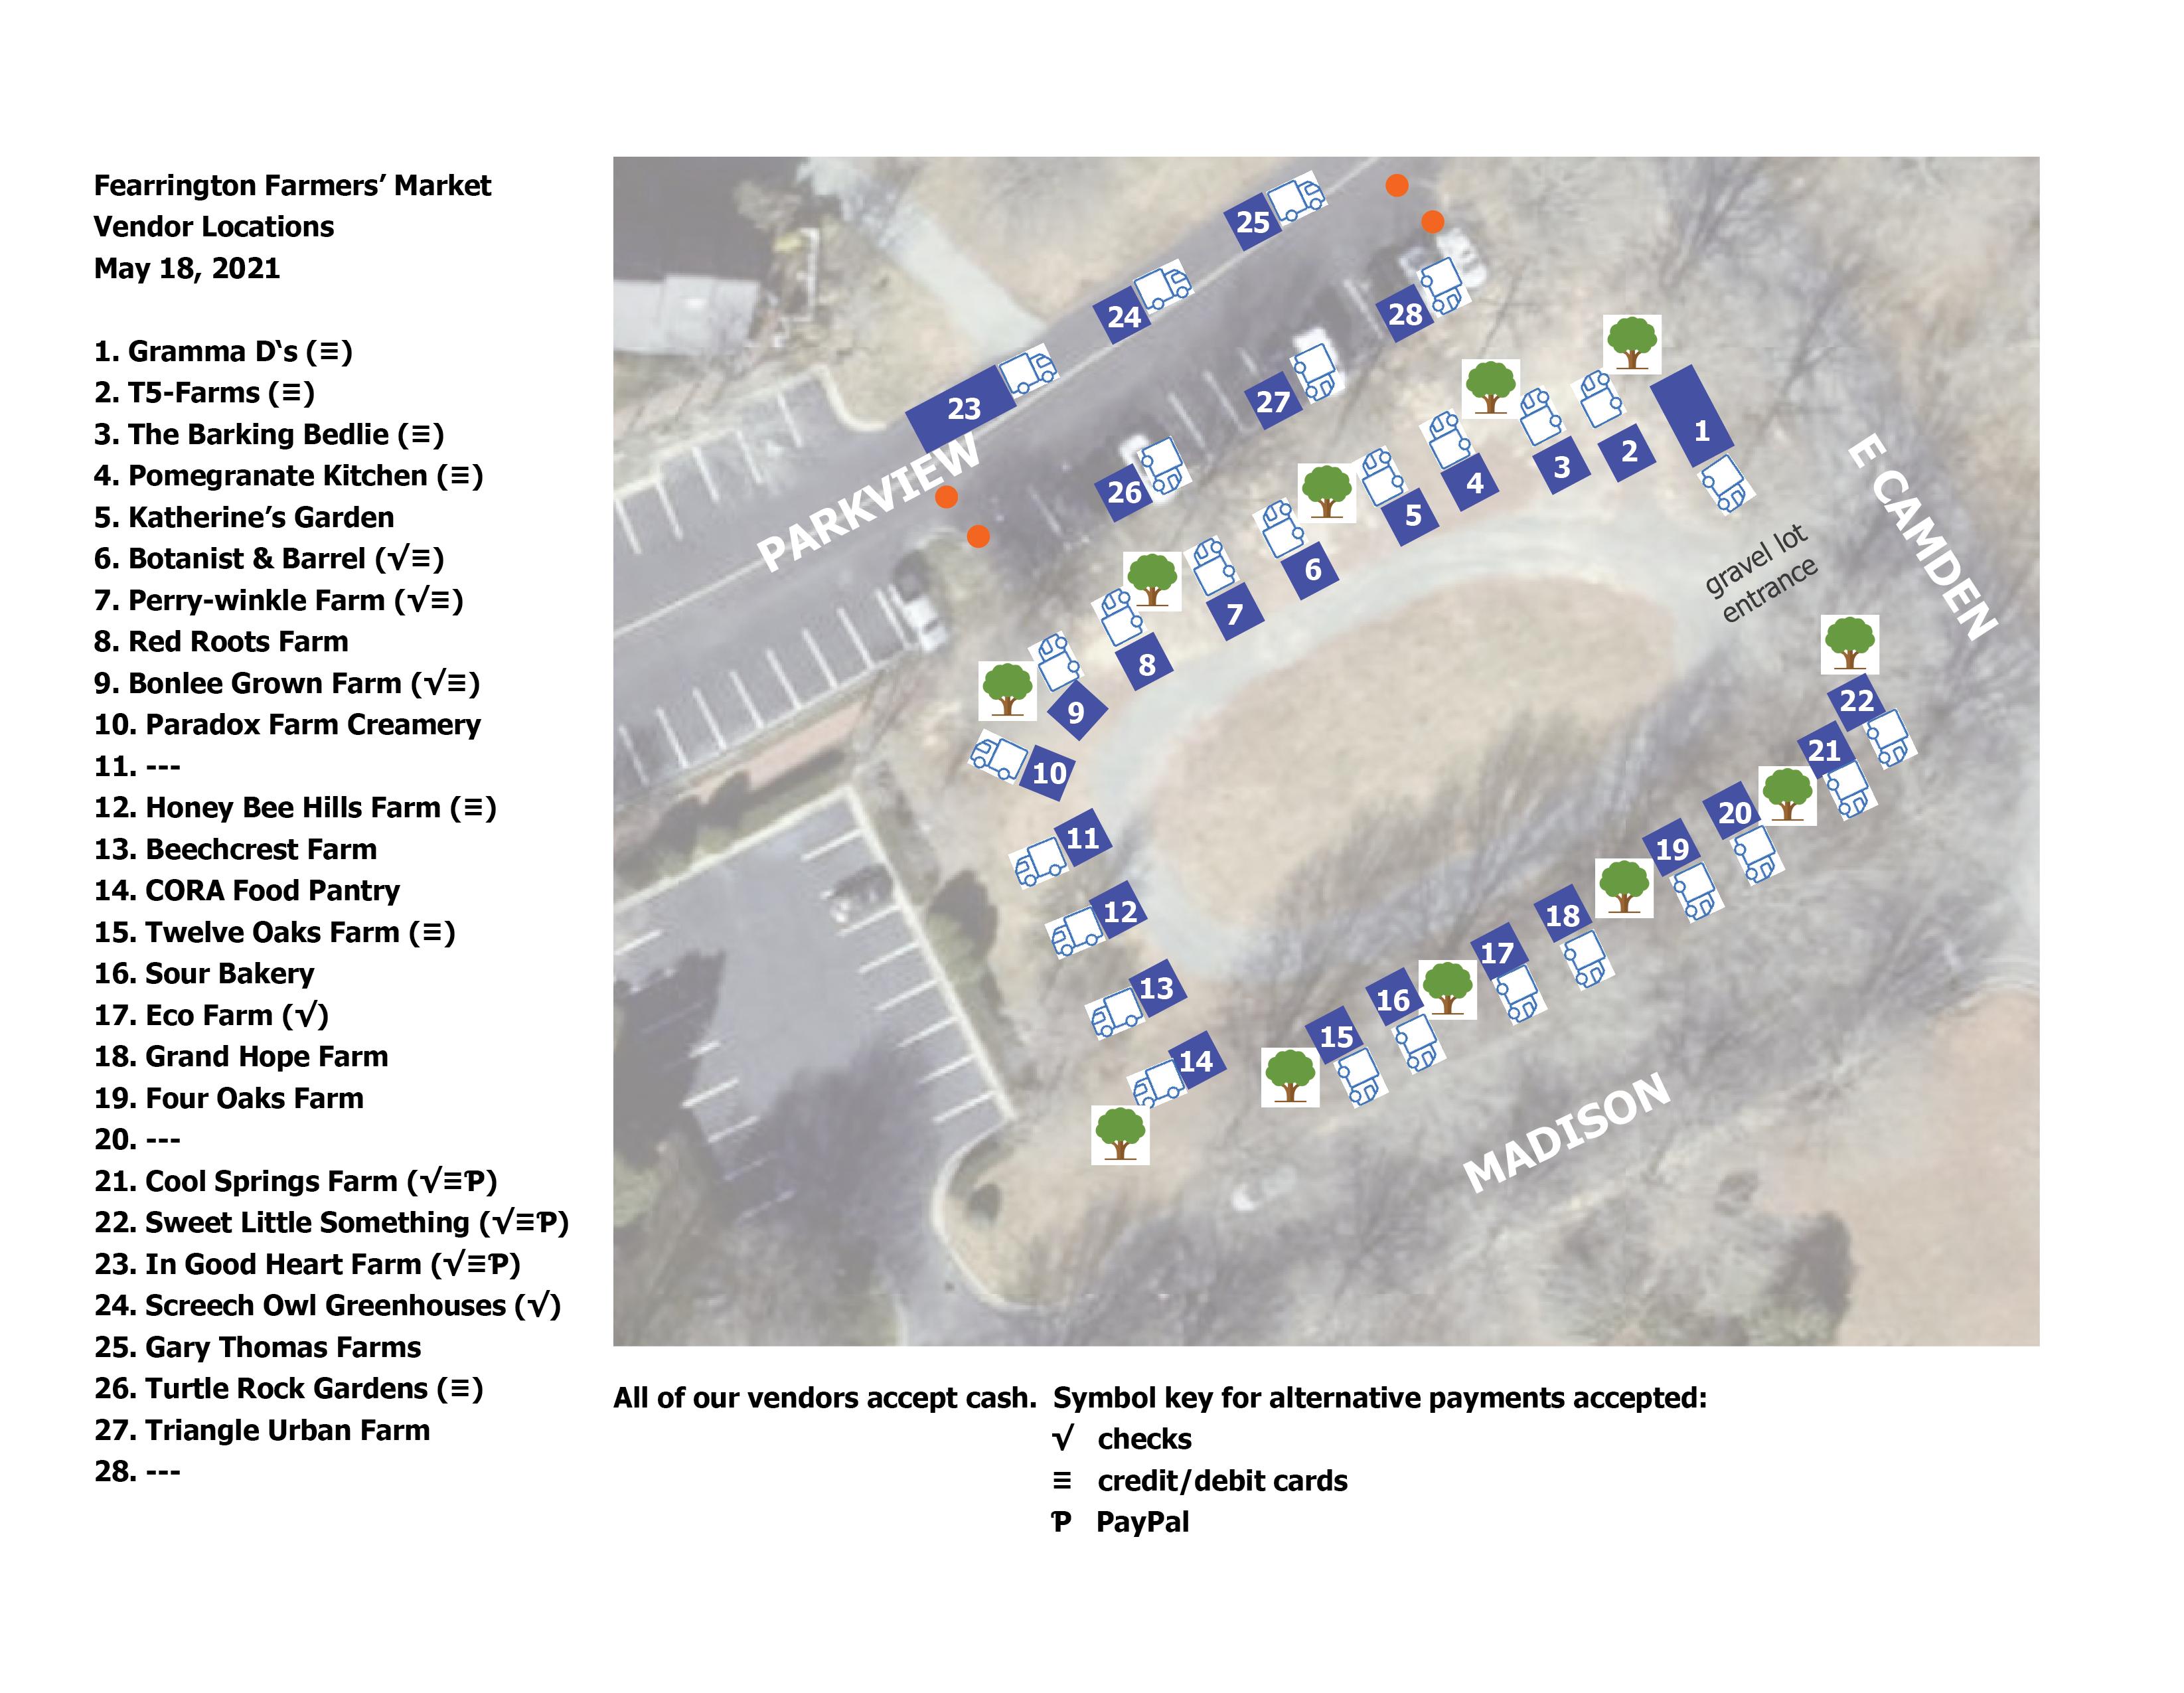 ffm vendor map 051821